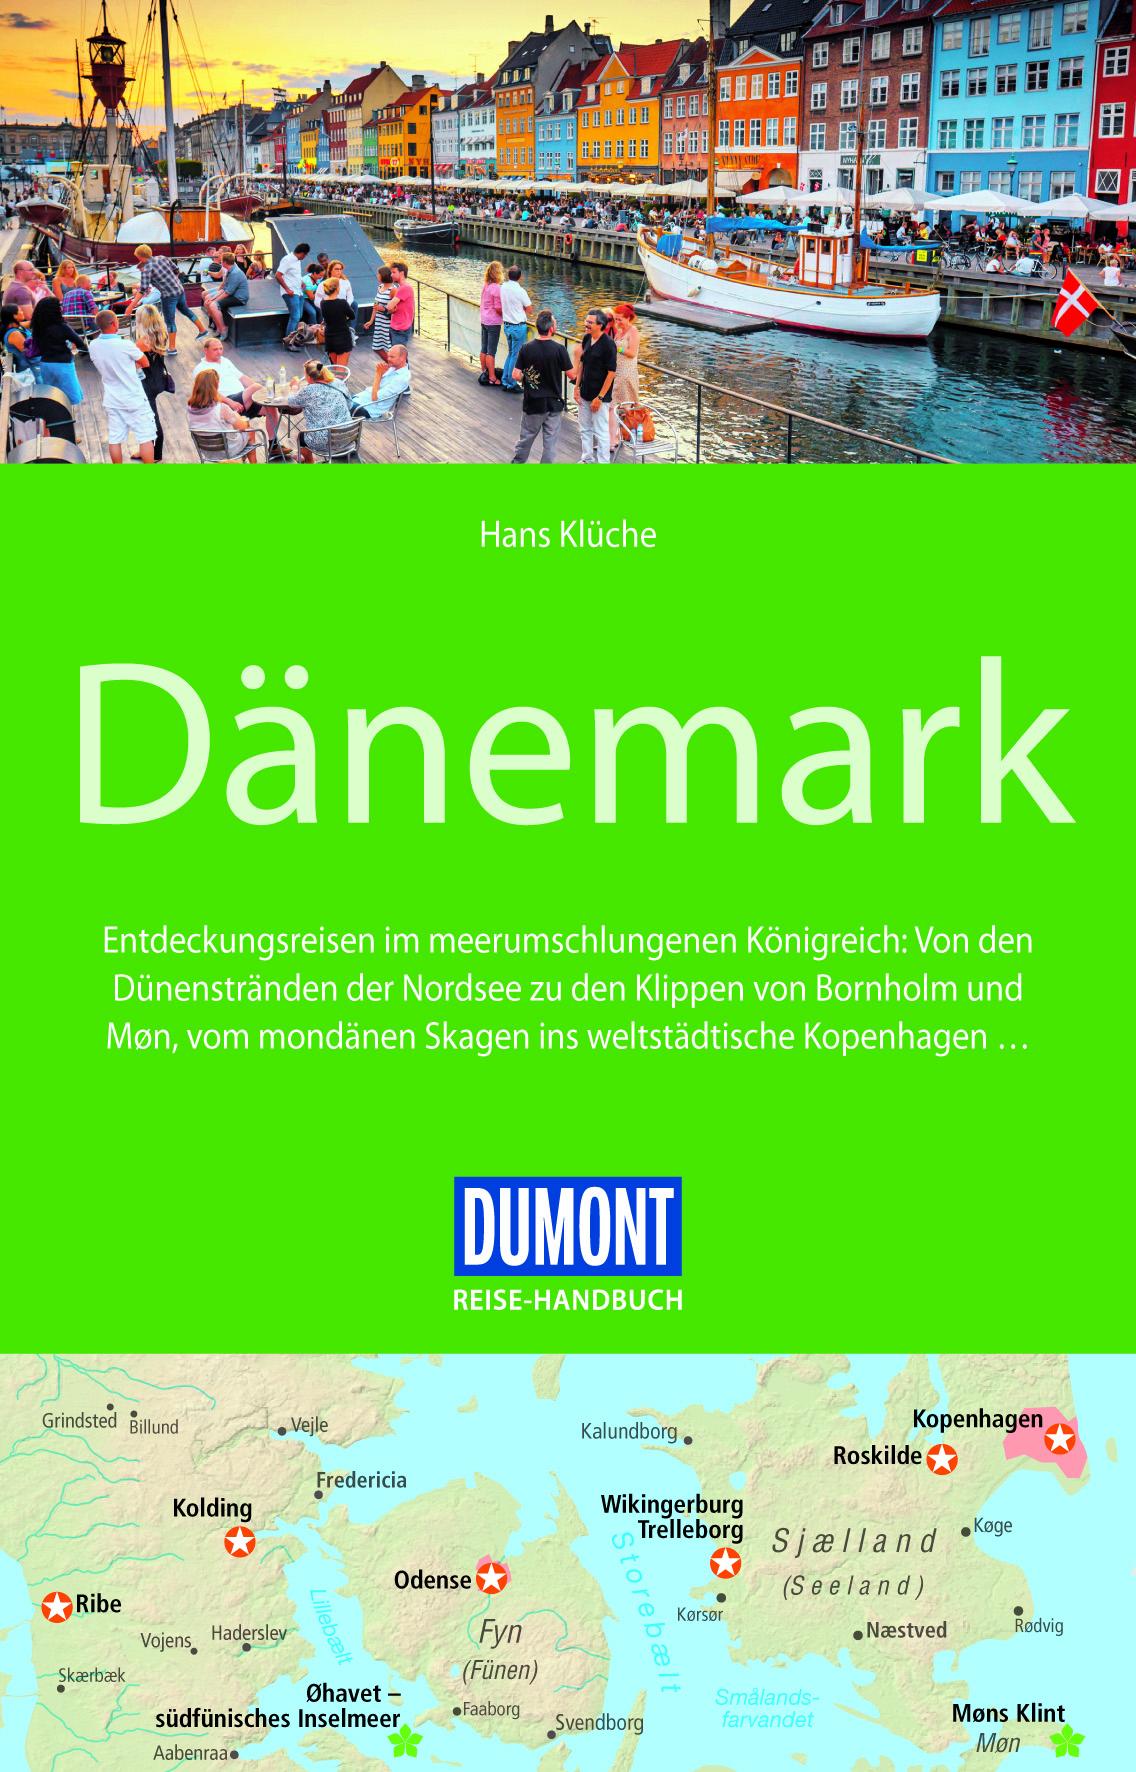 DuMont Reise-Handbuch - Dänemark (Cover)